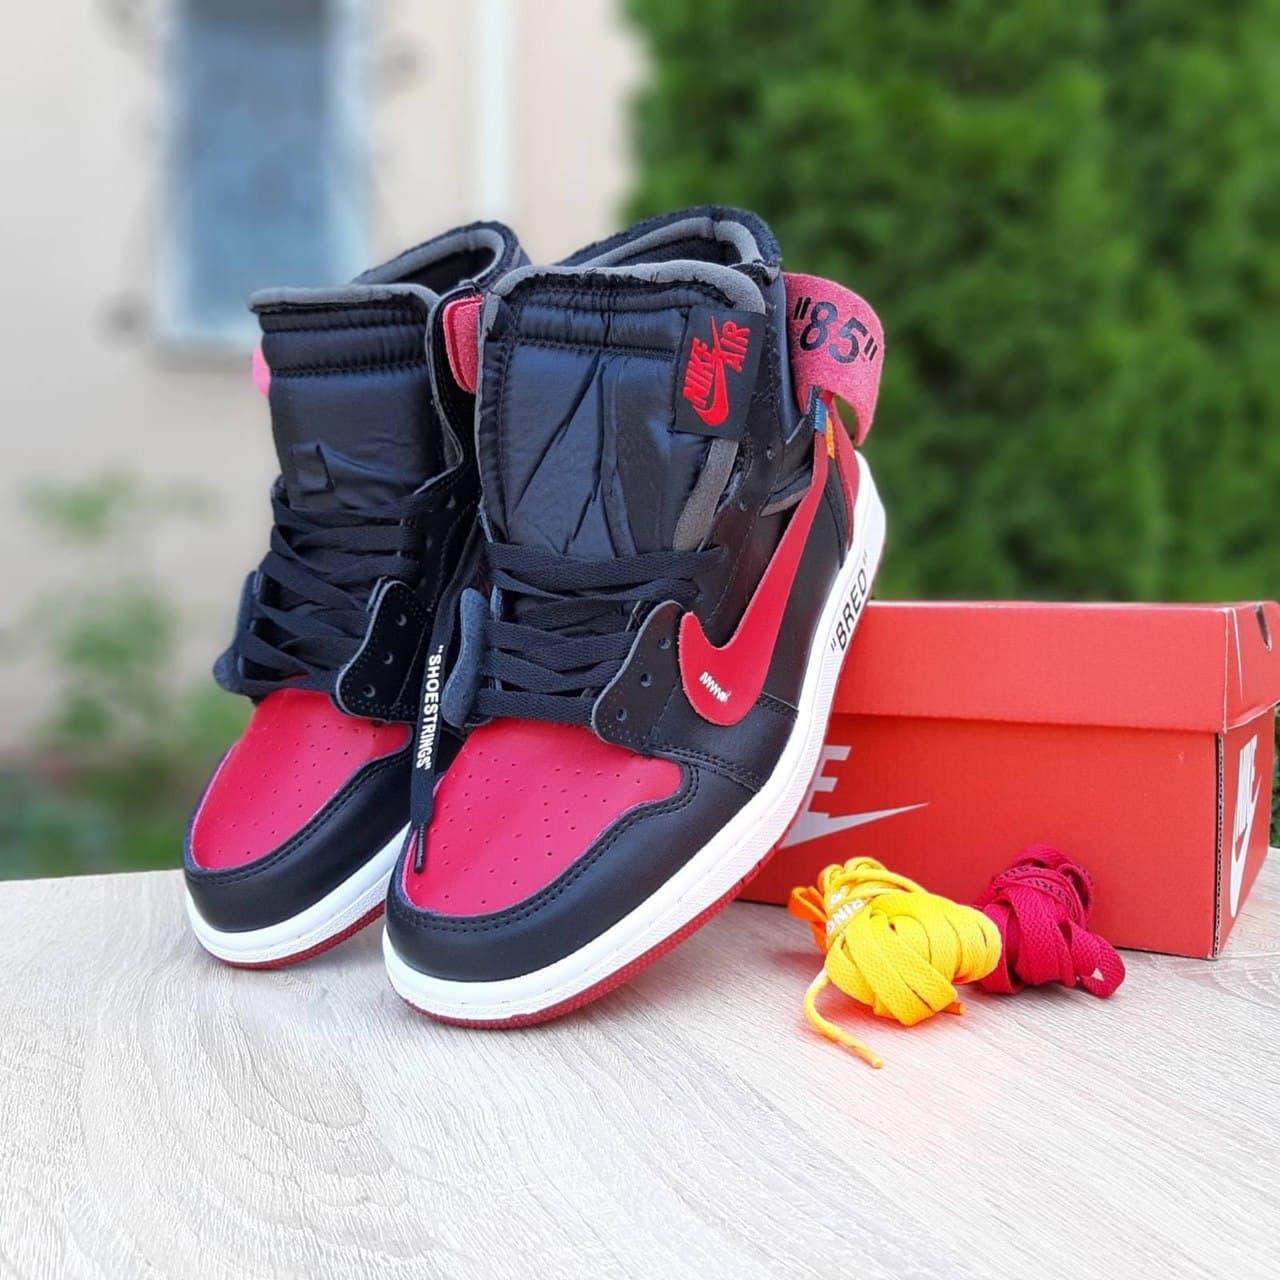 Мужские кроссовки OFF-WHITE х Nike Air Jordan 1 High '85 ' Bred красные с чёрным